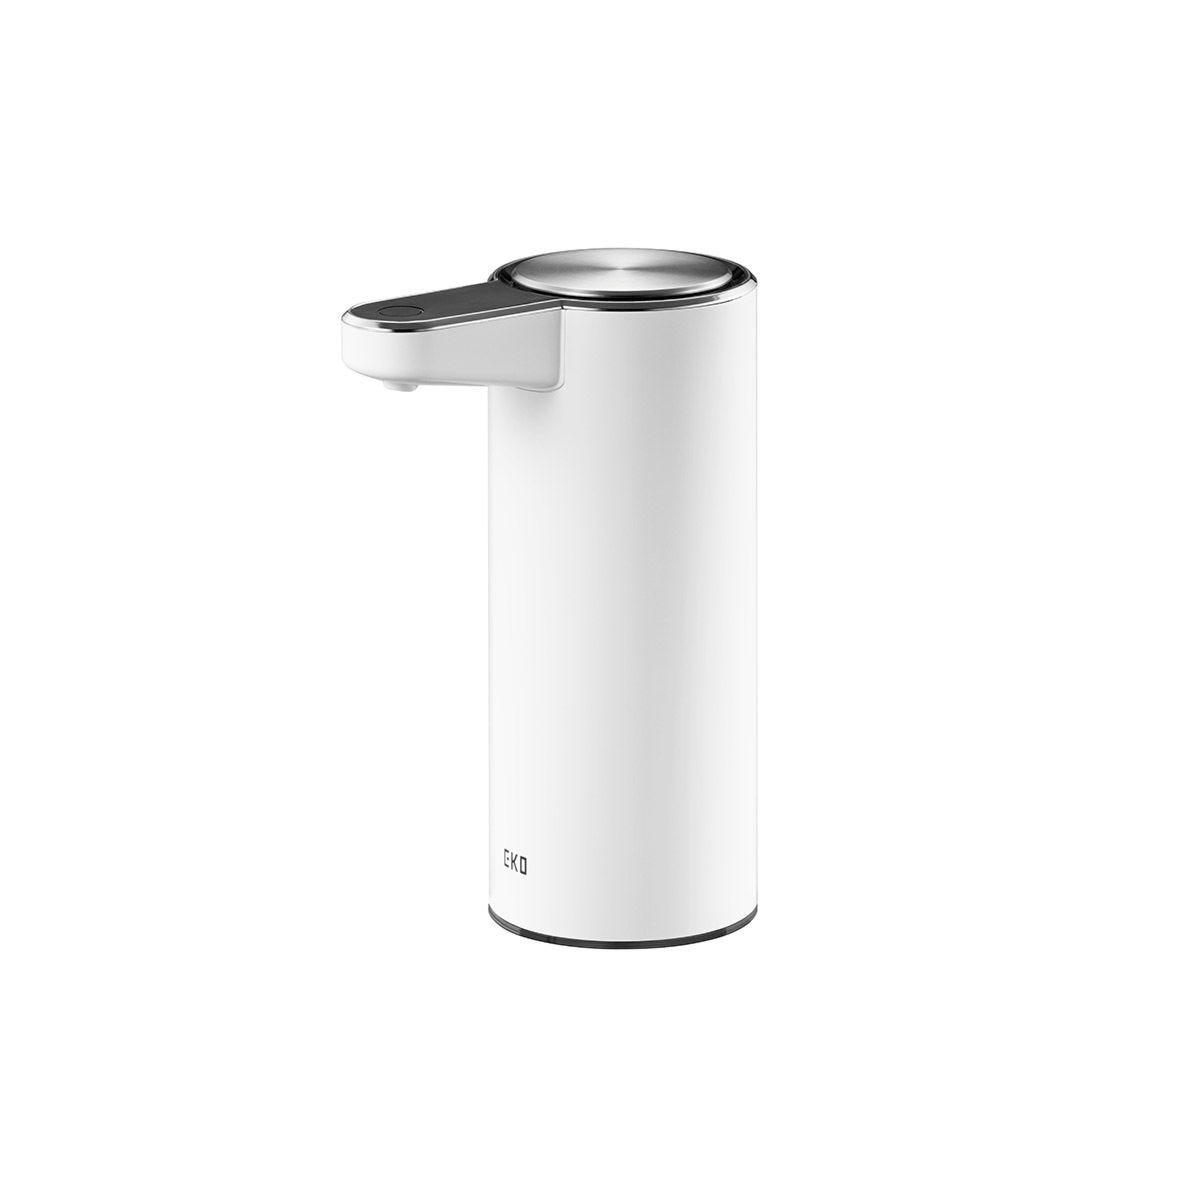 EKO Aroma Smart Sensor Soap Dispenser - White Steel